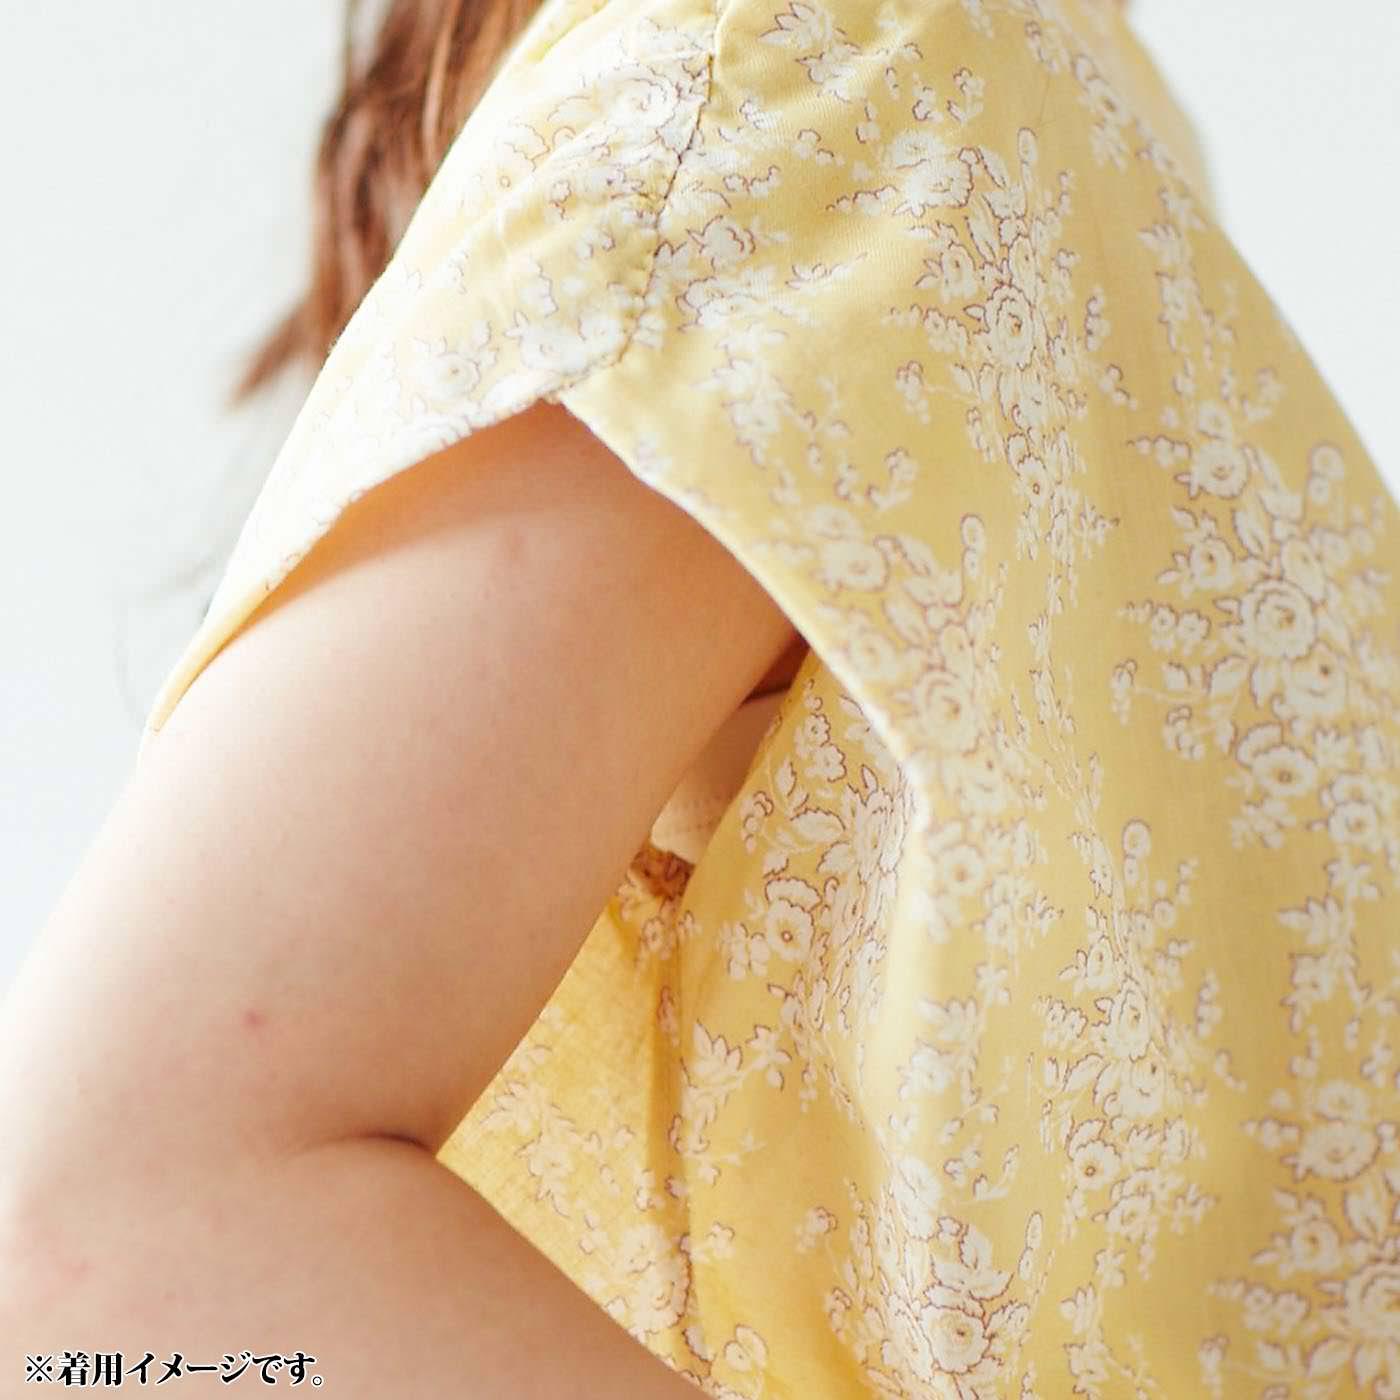 これは参考画像です。肩をしっかり覆う折り返しパターンは、ブラやインナーが見えにくい工夫。